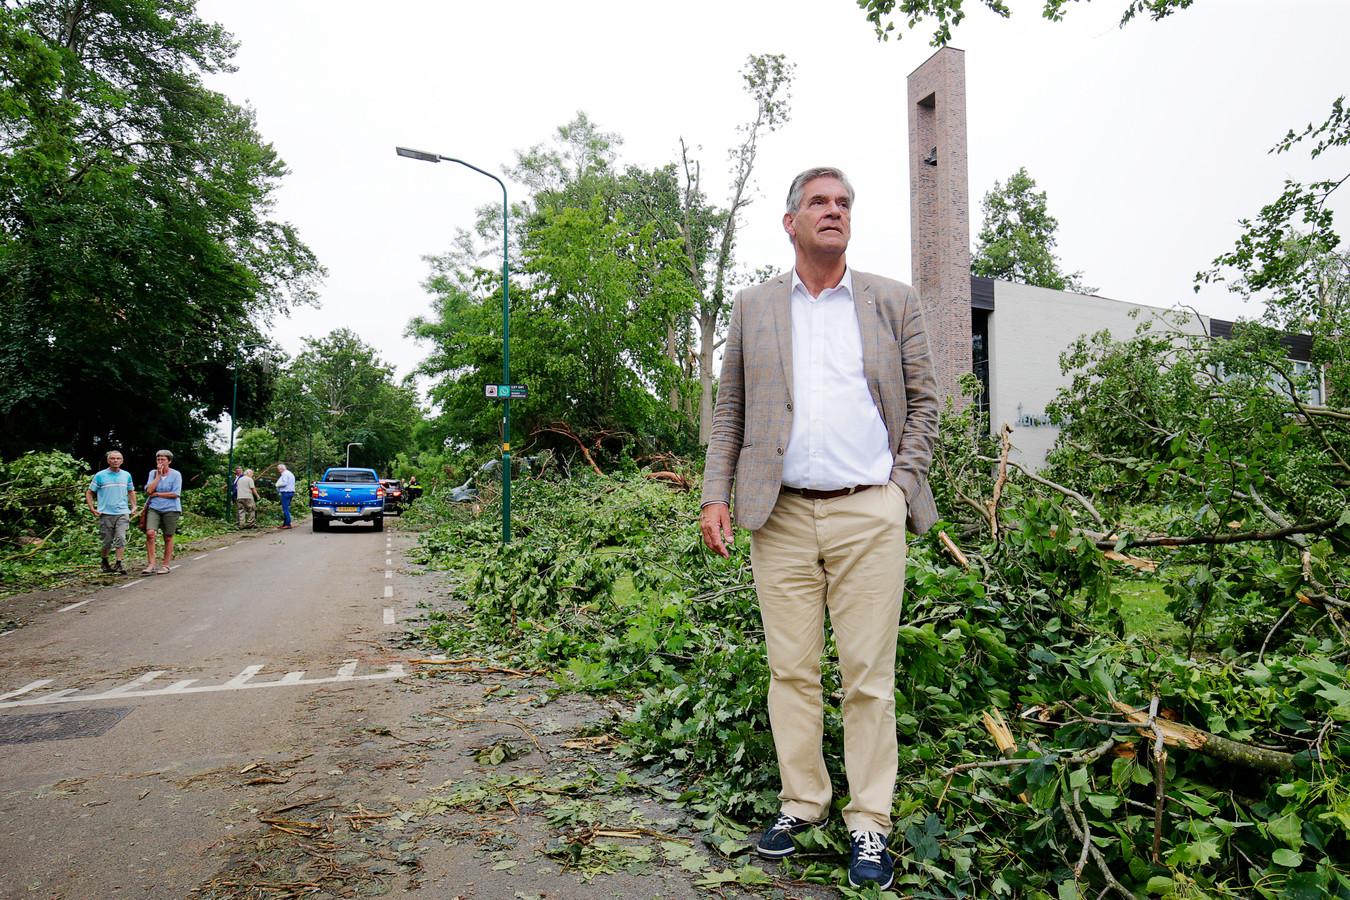 Frits Naafs, burgemeester van de Utrechtse Heuvelrug, in de Lomboklaan. Deze straat werd het zwaarst getroffen.